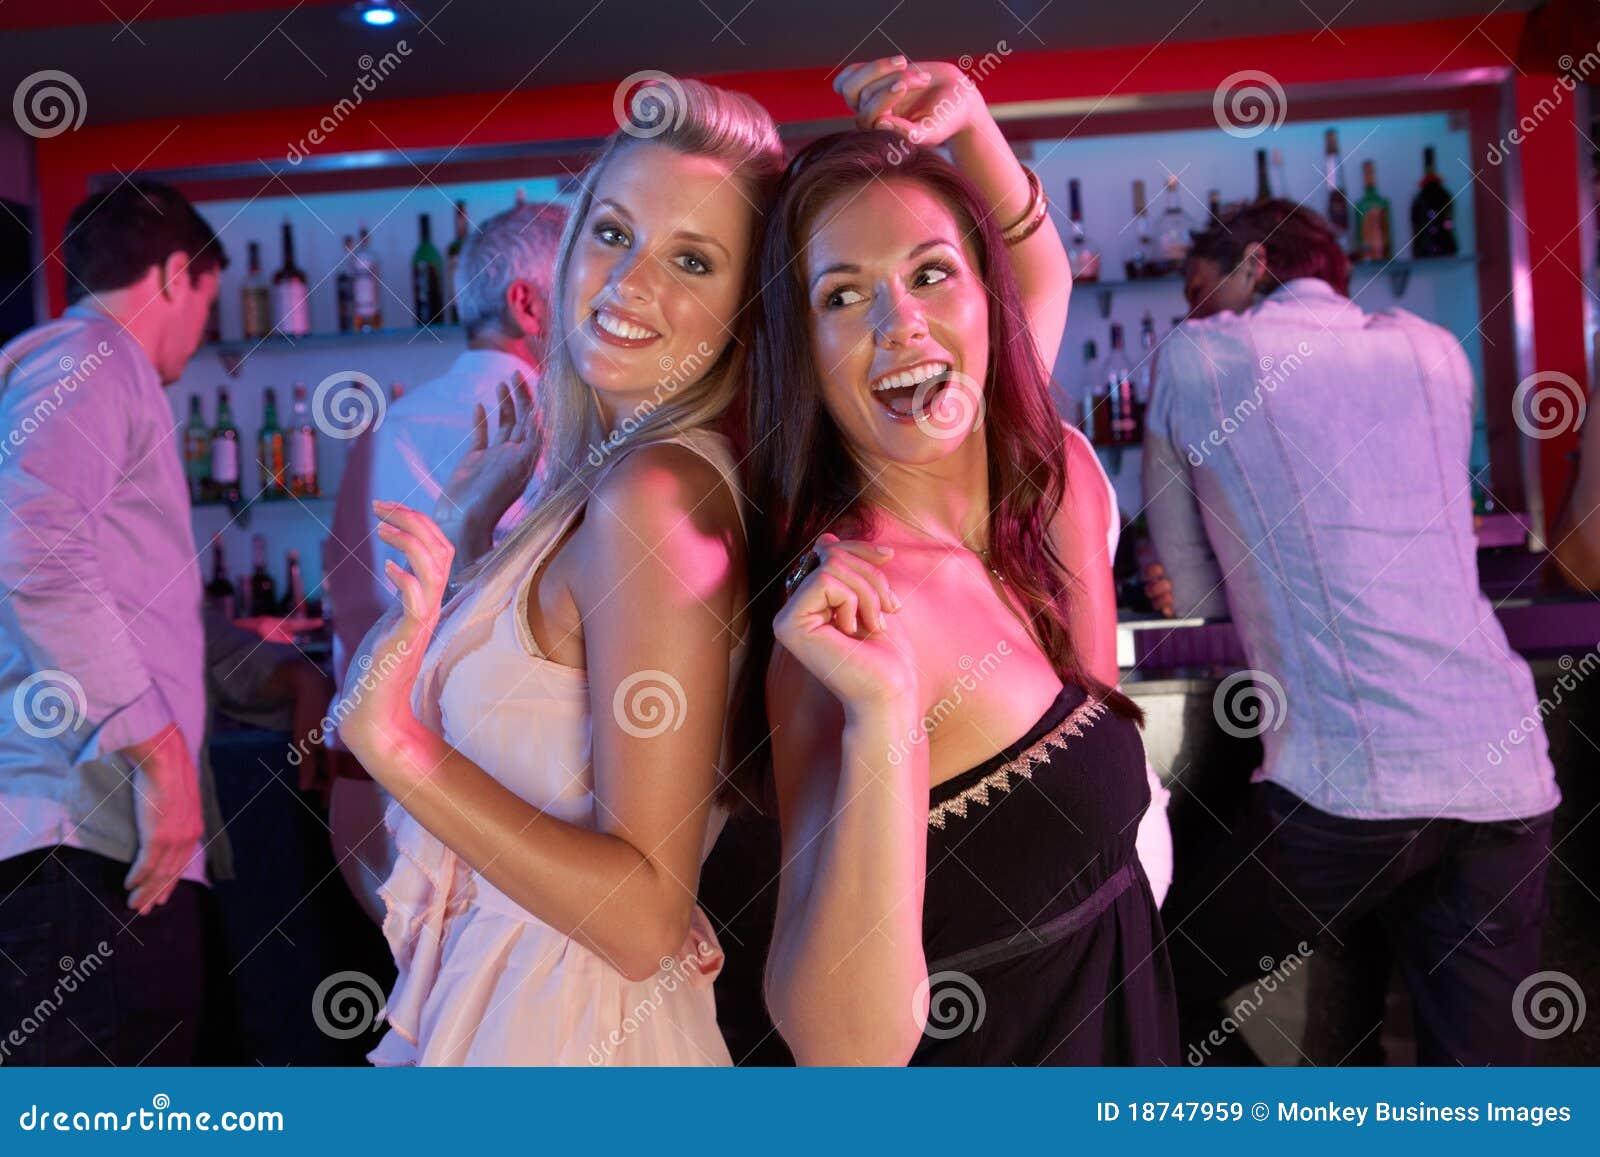 Уединились в клубе, На Вечеринке Уединились (найдено 81 порно видео.) 25 фотография